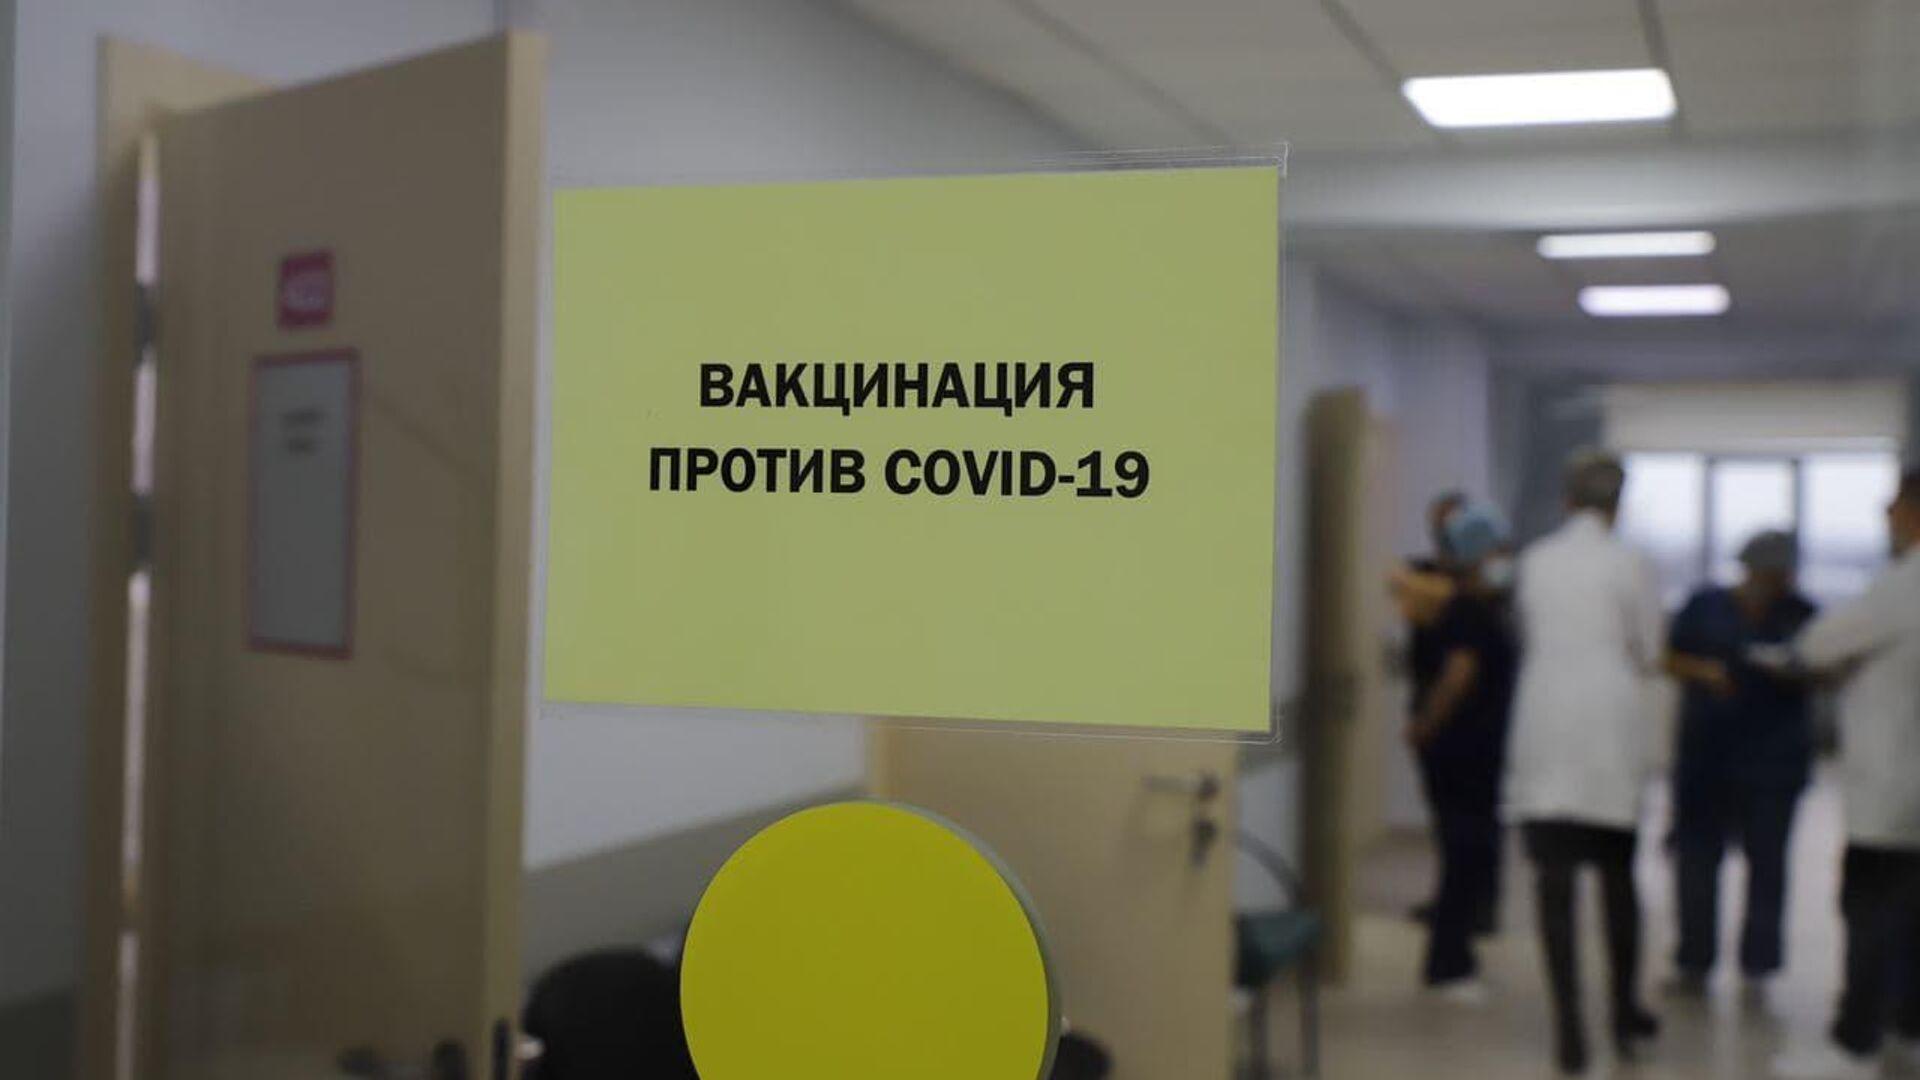 Сенатор предложил давать отгул после вакцинации от COVID-19